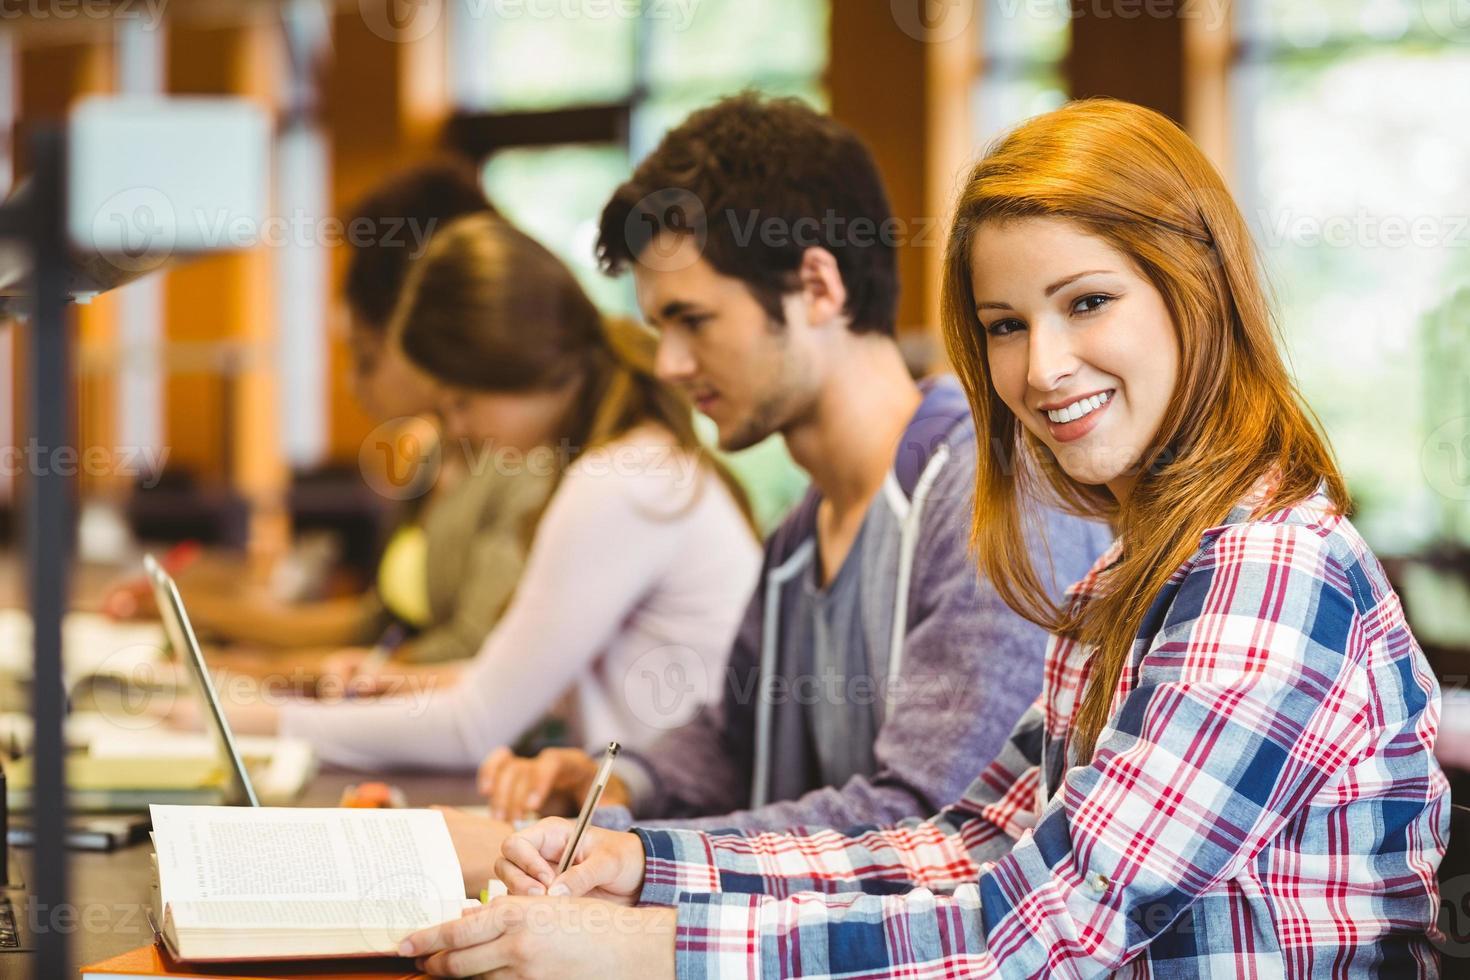 studente guardando la telecamera mentre studiava con i compagni di classe foto